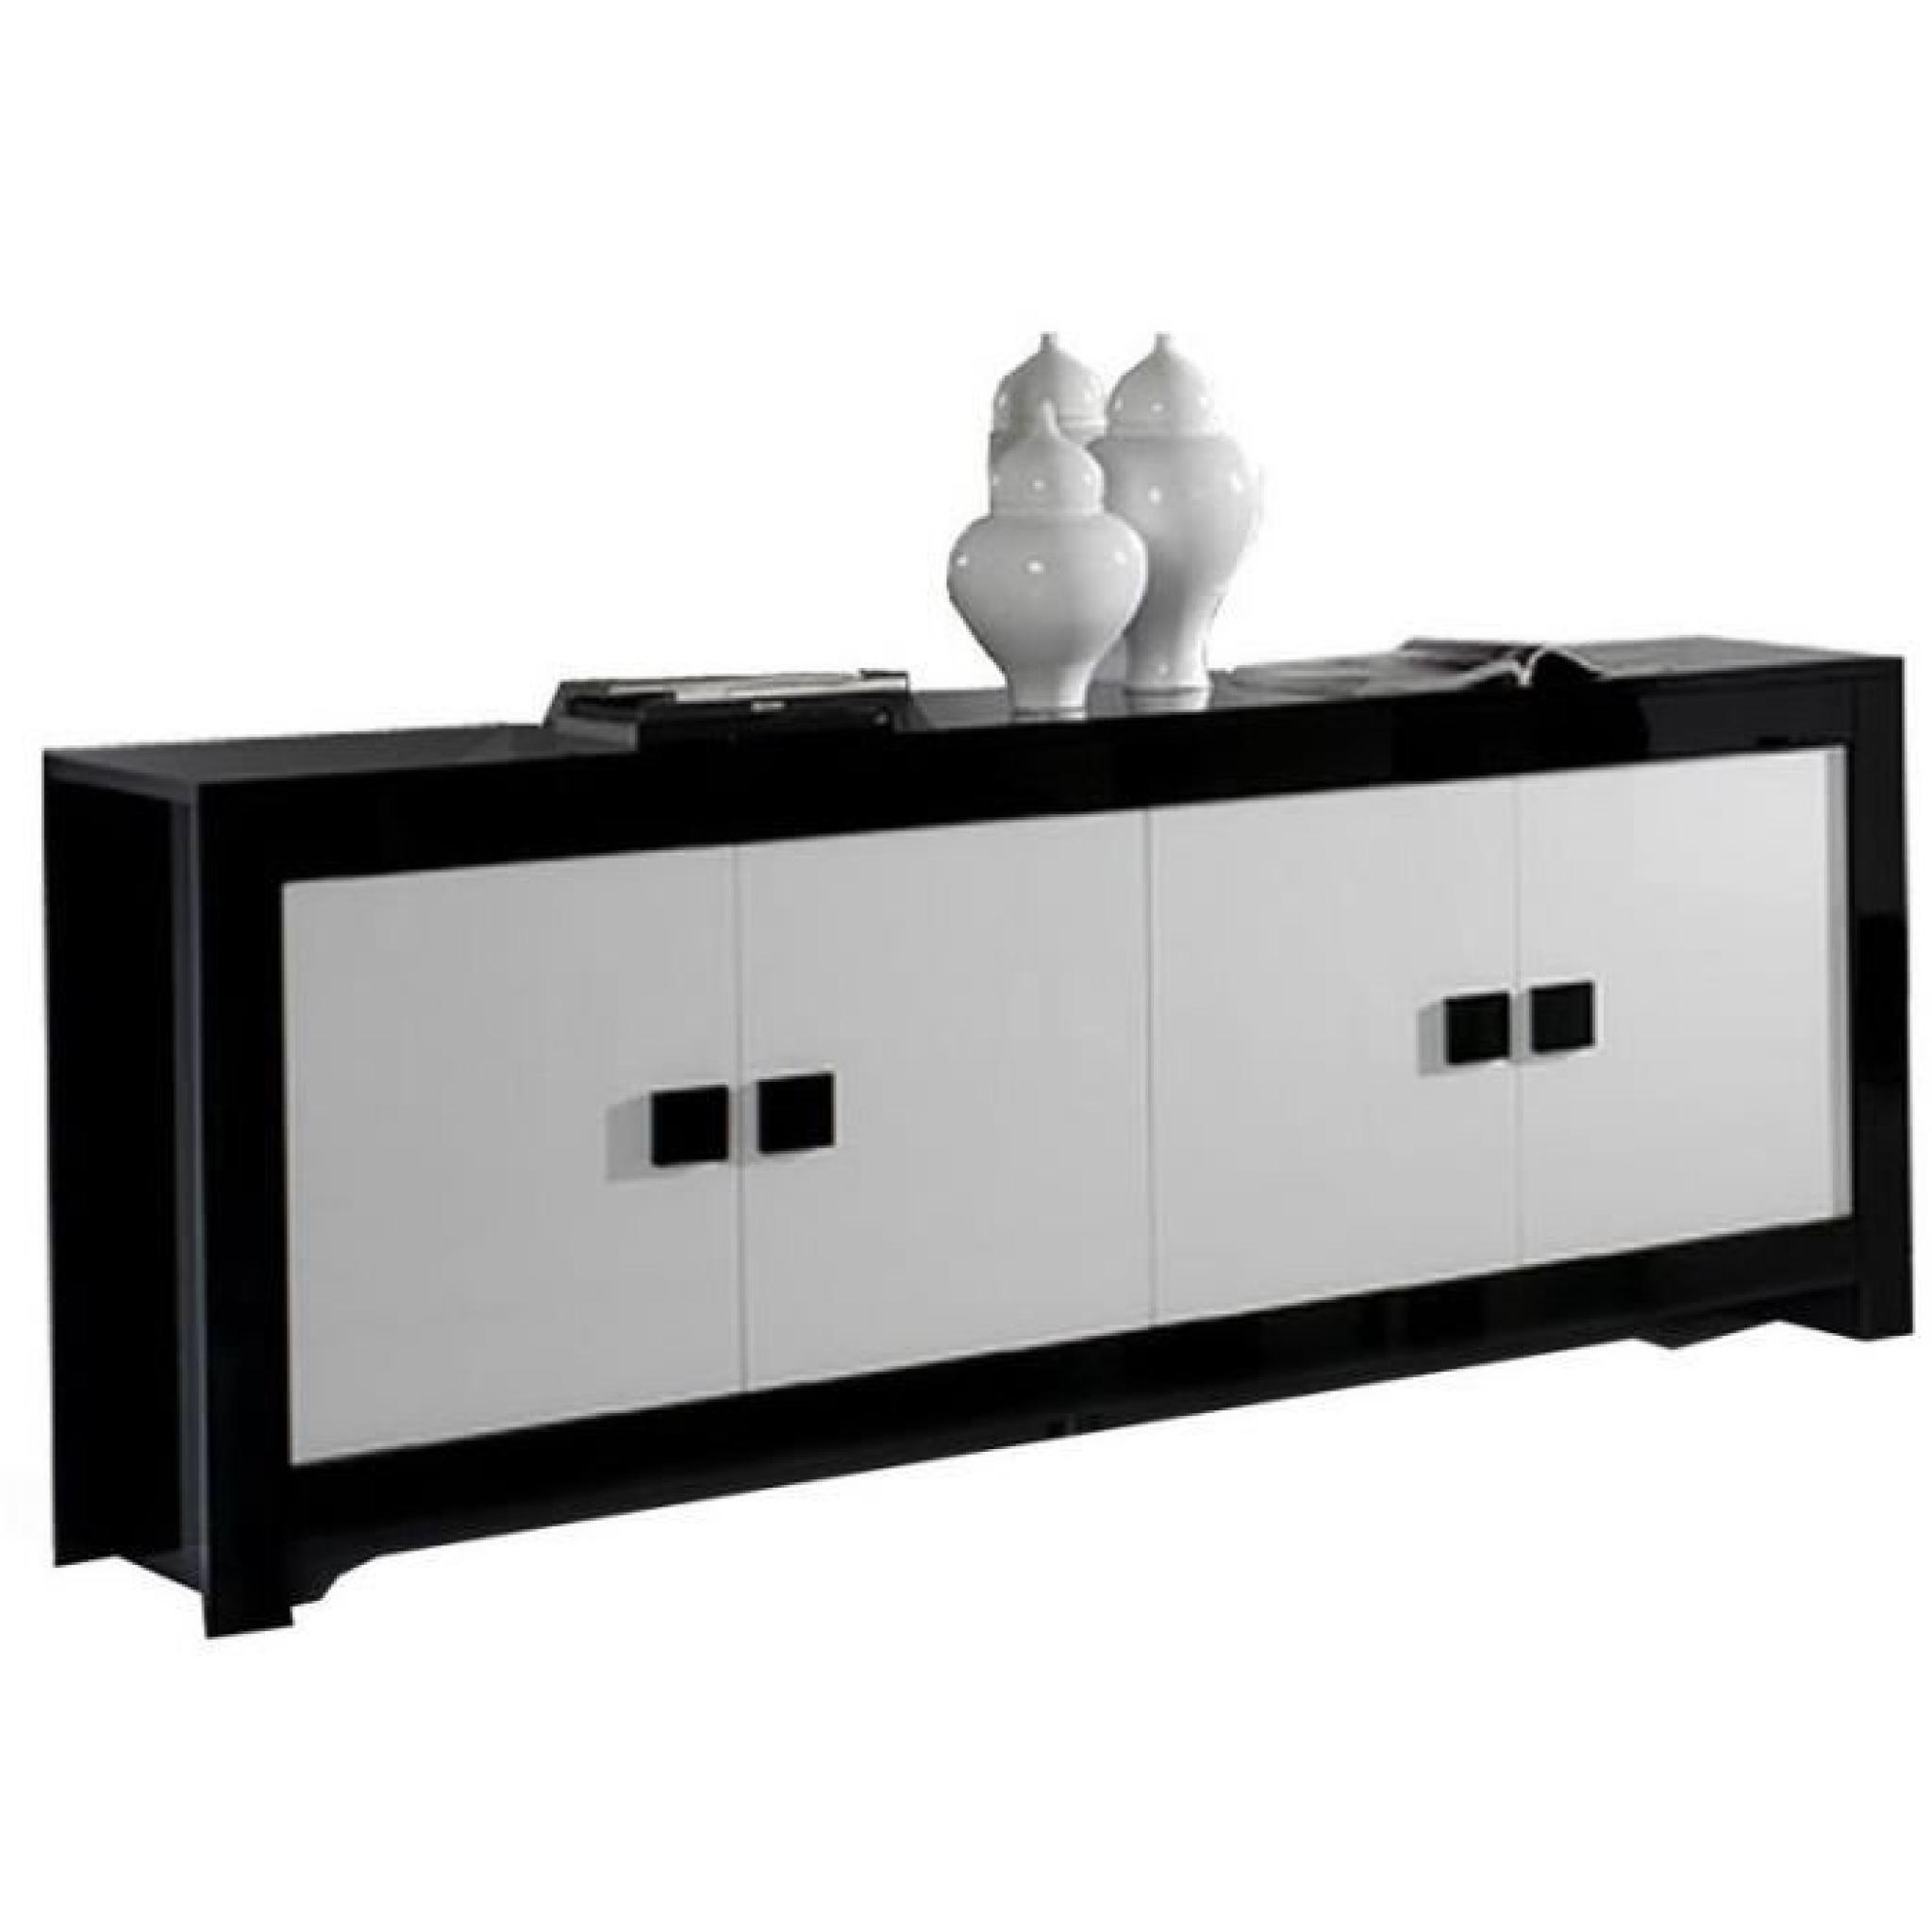 Dressoir ultra design noir et blanc laqu 4 portes achat vente buffet pas - Dressoir blanc laque ...